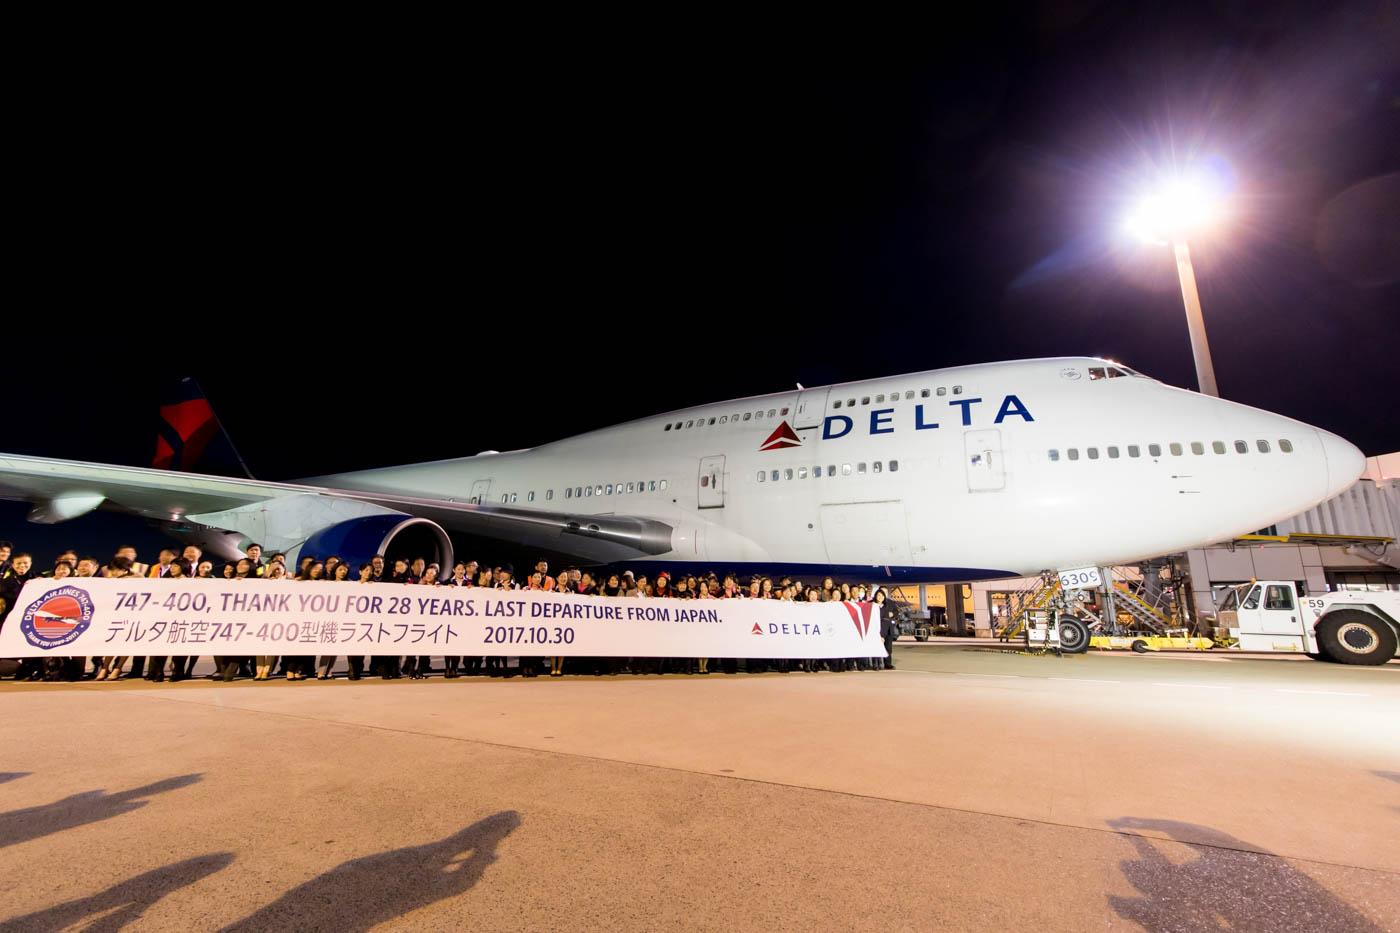 Delta Air Lines Boeing 747-400 at Tokyo Narita